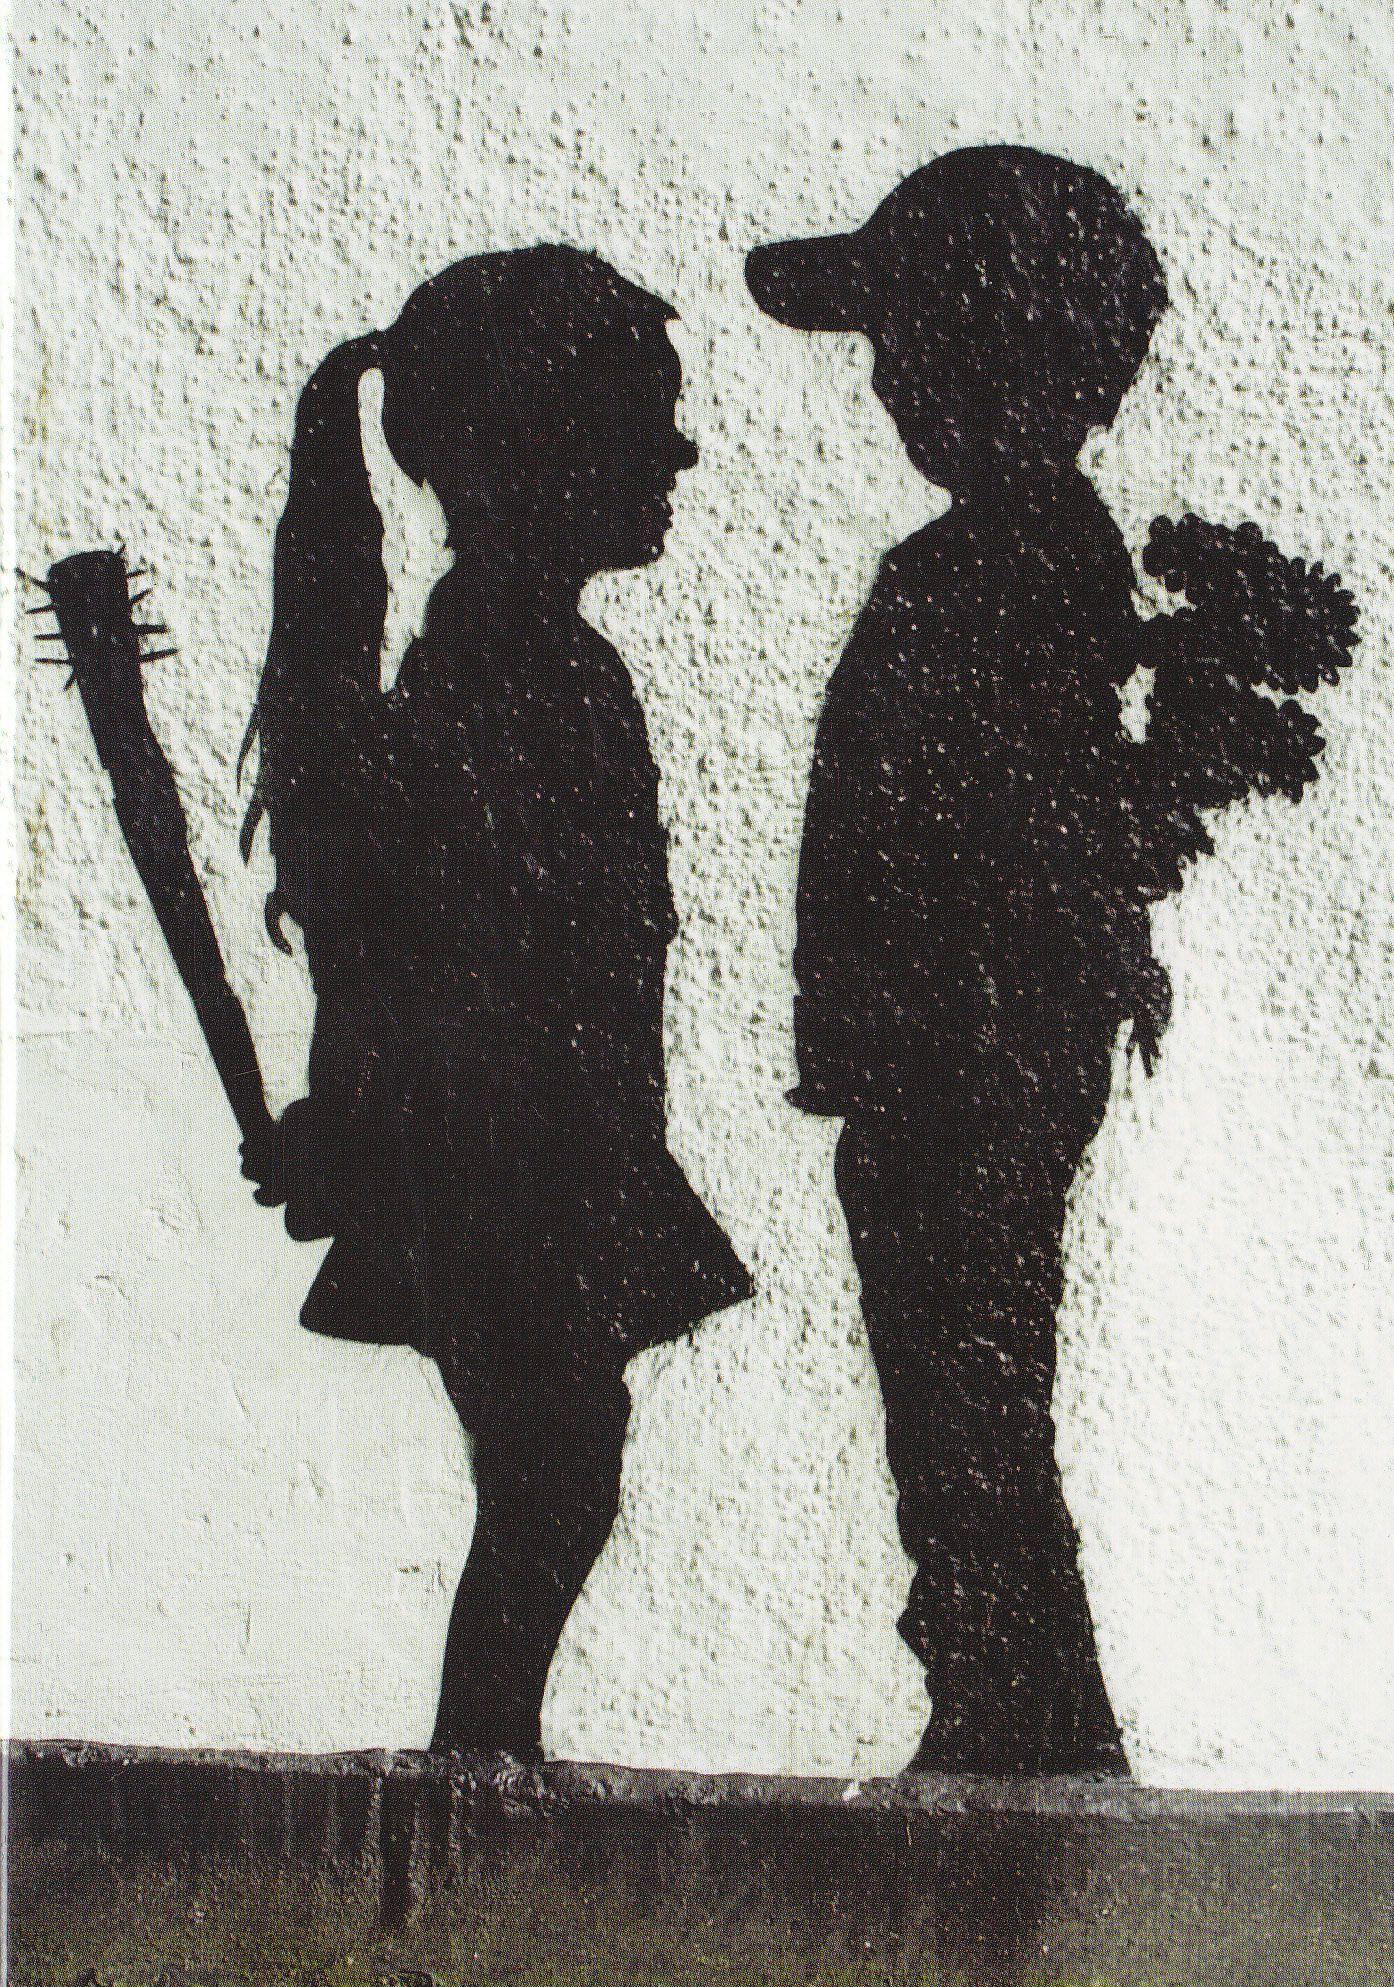 Картинки мальчик дарит цветы а девочка держит биту, надписью кто